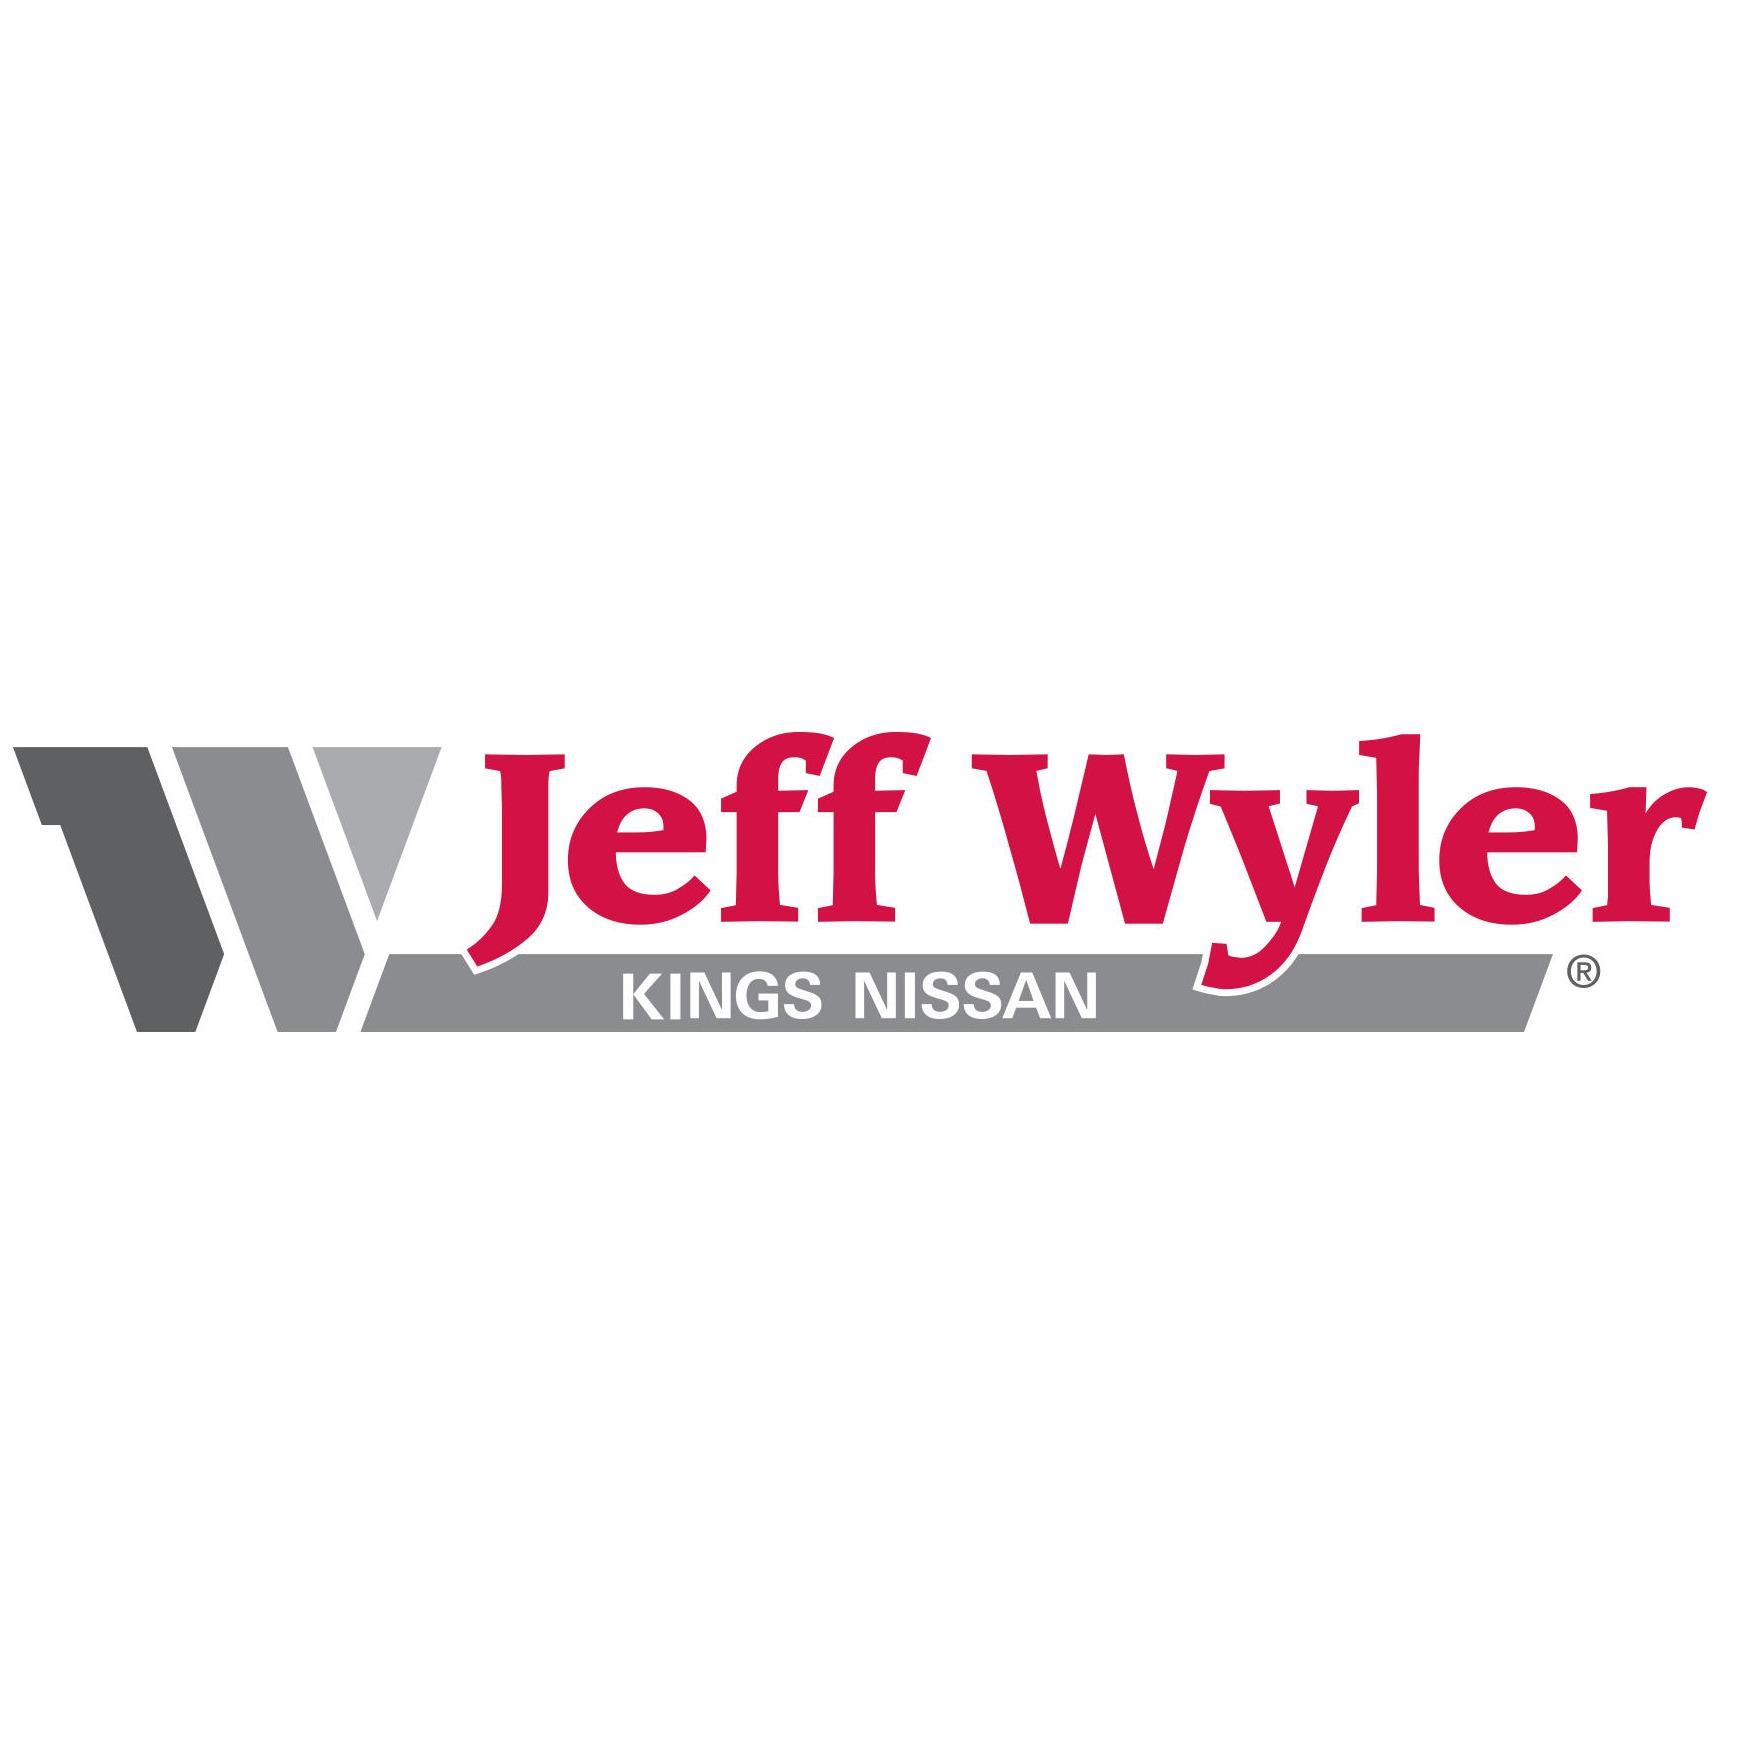 Jeff Wyler Kings Nissan